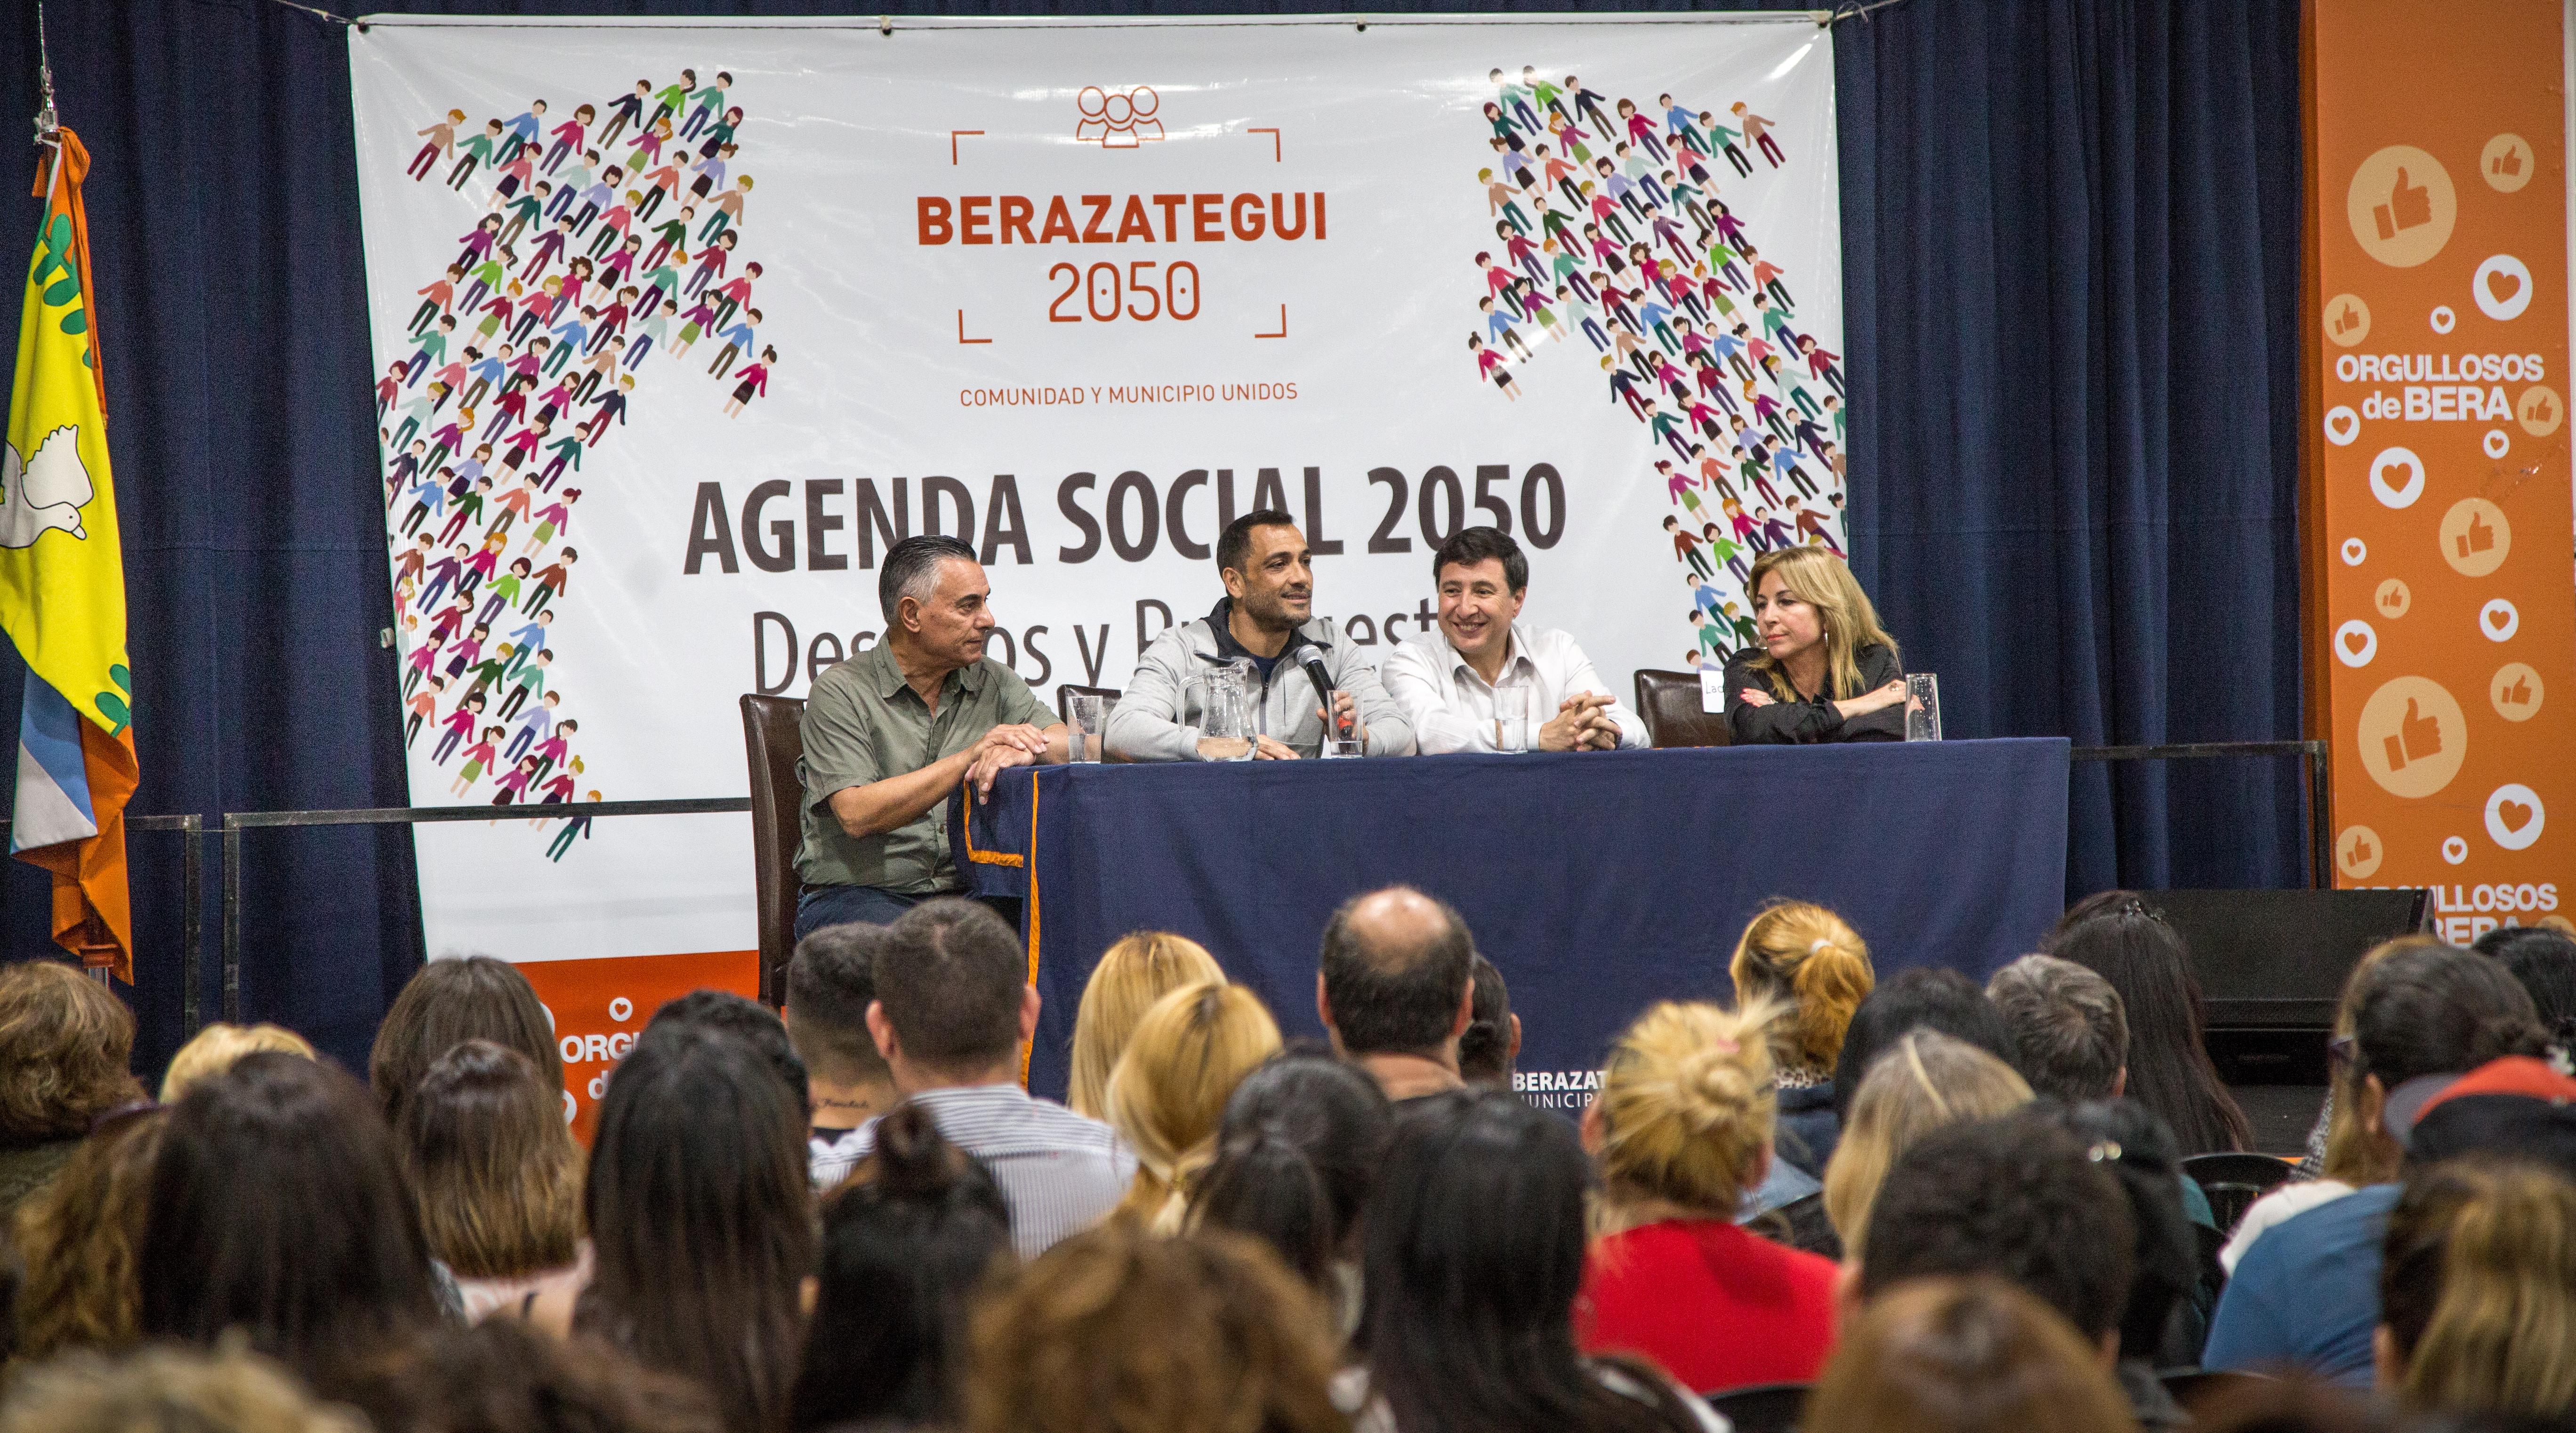 Diputado planteó llevar el modelo de desarrollo de Berazategui a todo el país